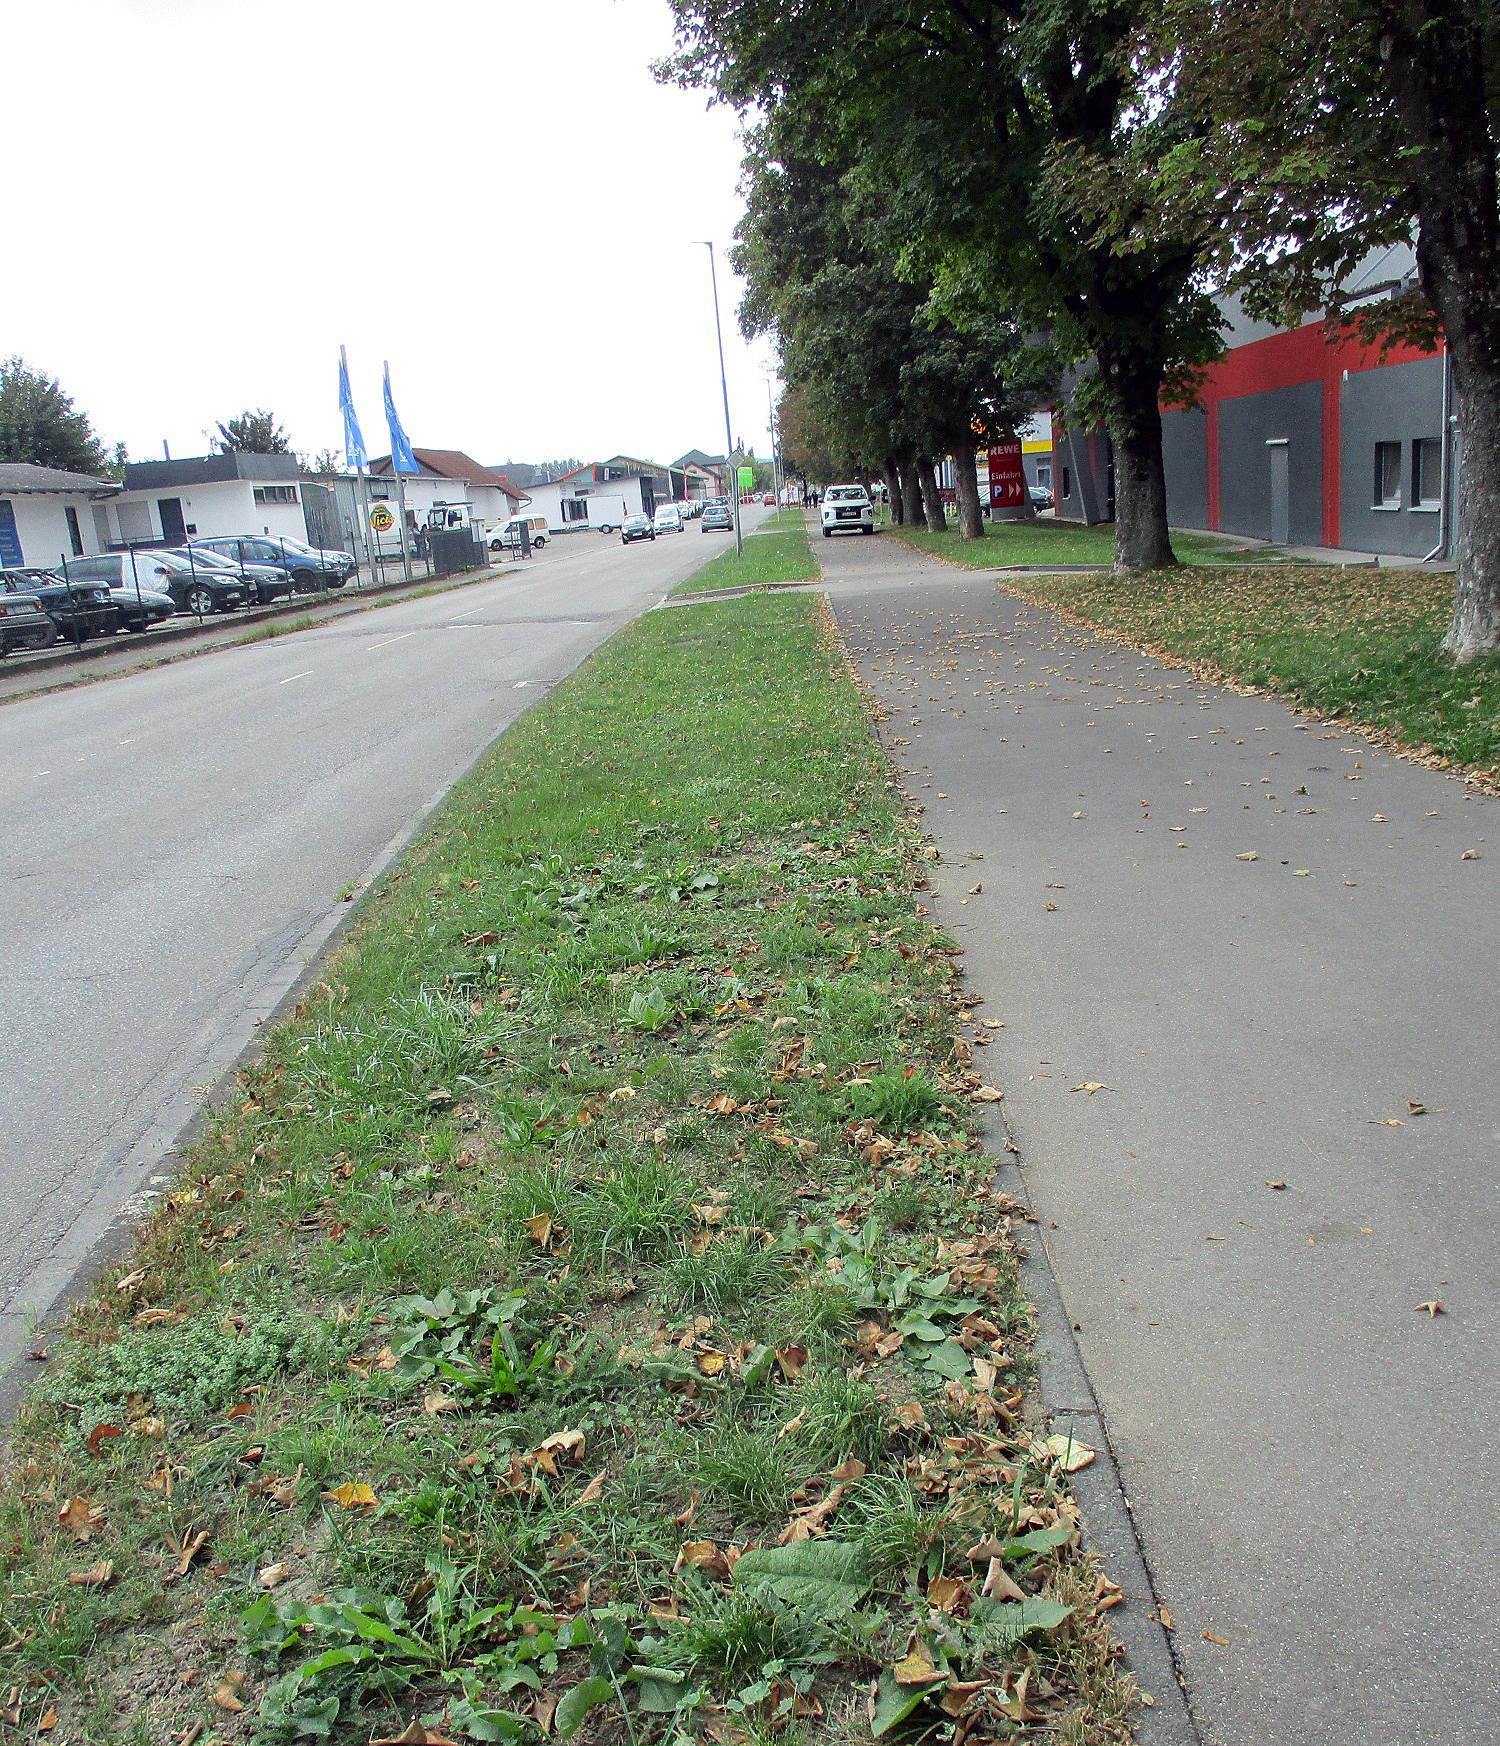 Straßenraumumgestaltung zur Stärkung der Biodiversität